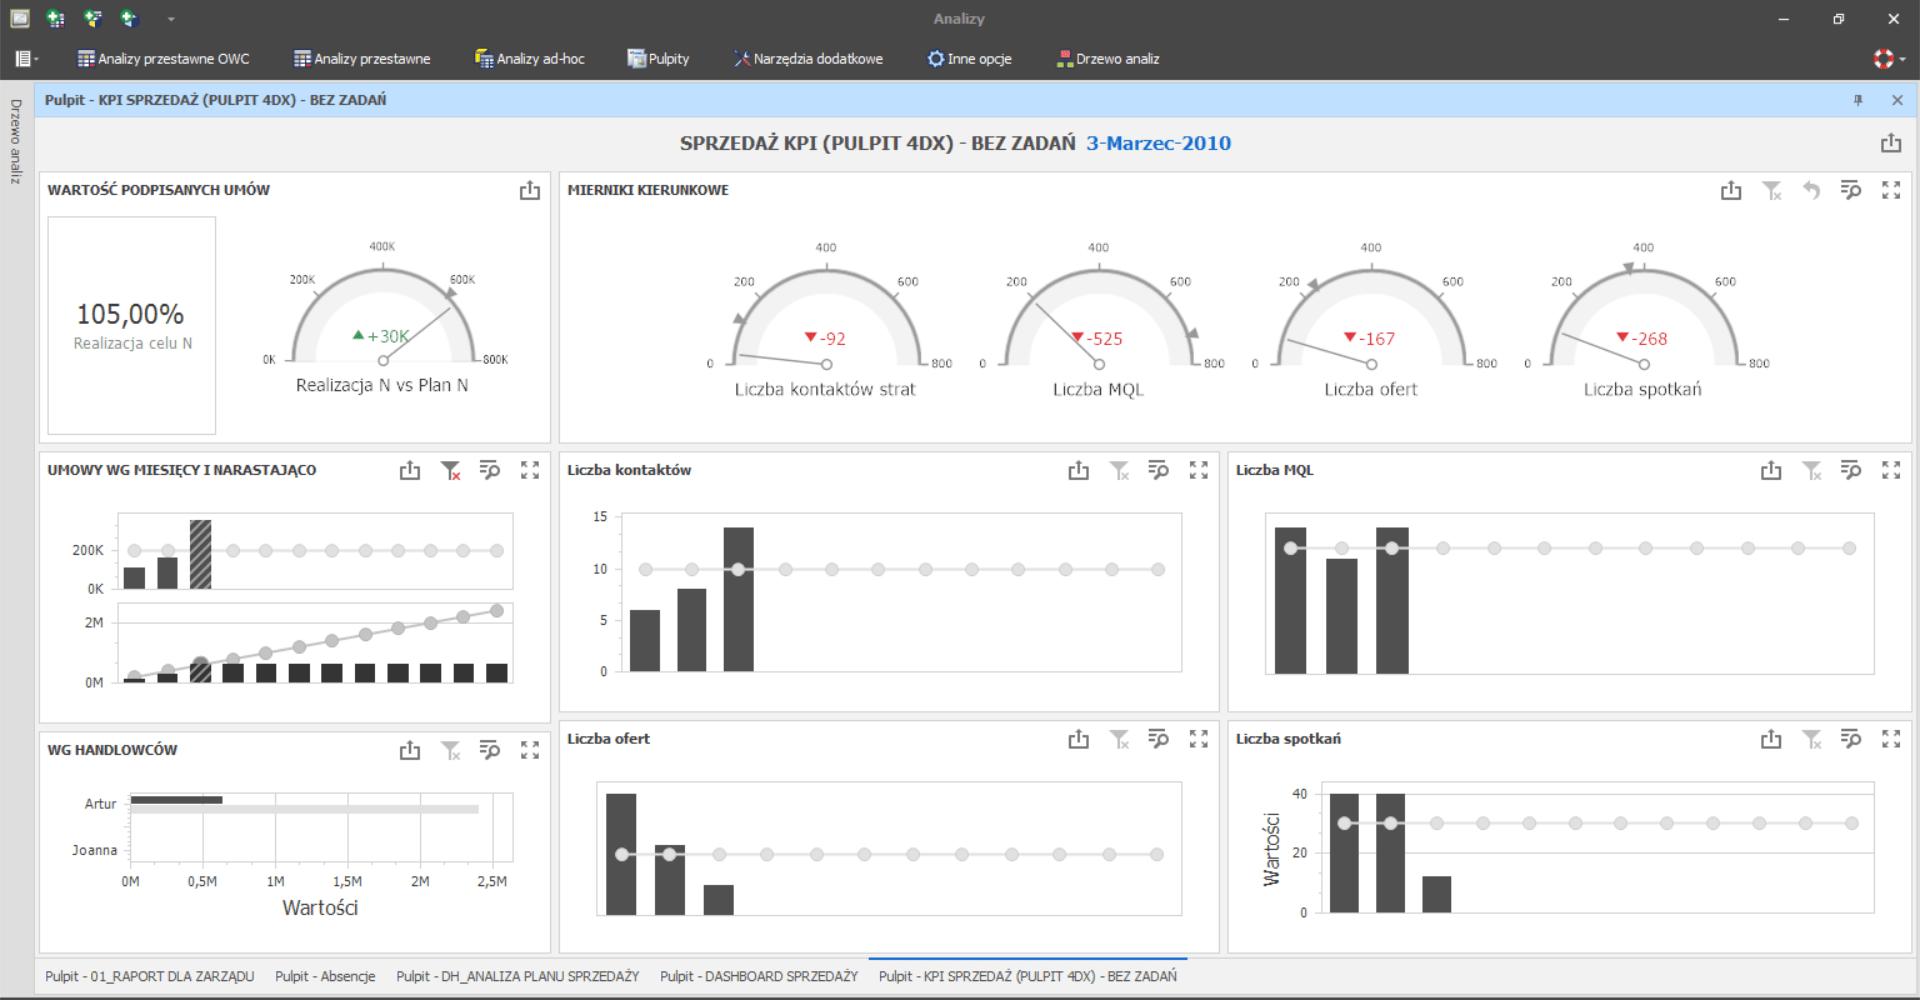 Sprzedaż KPI - pulpit 4DX